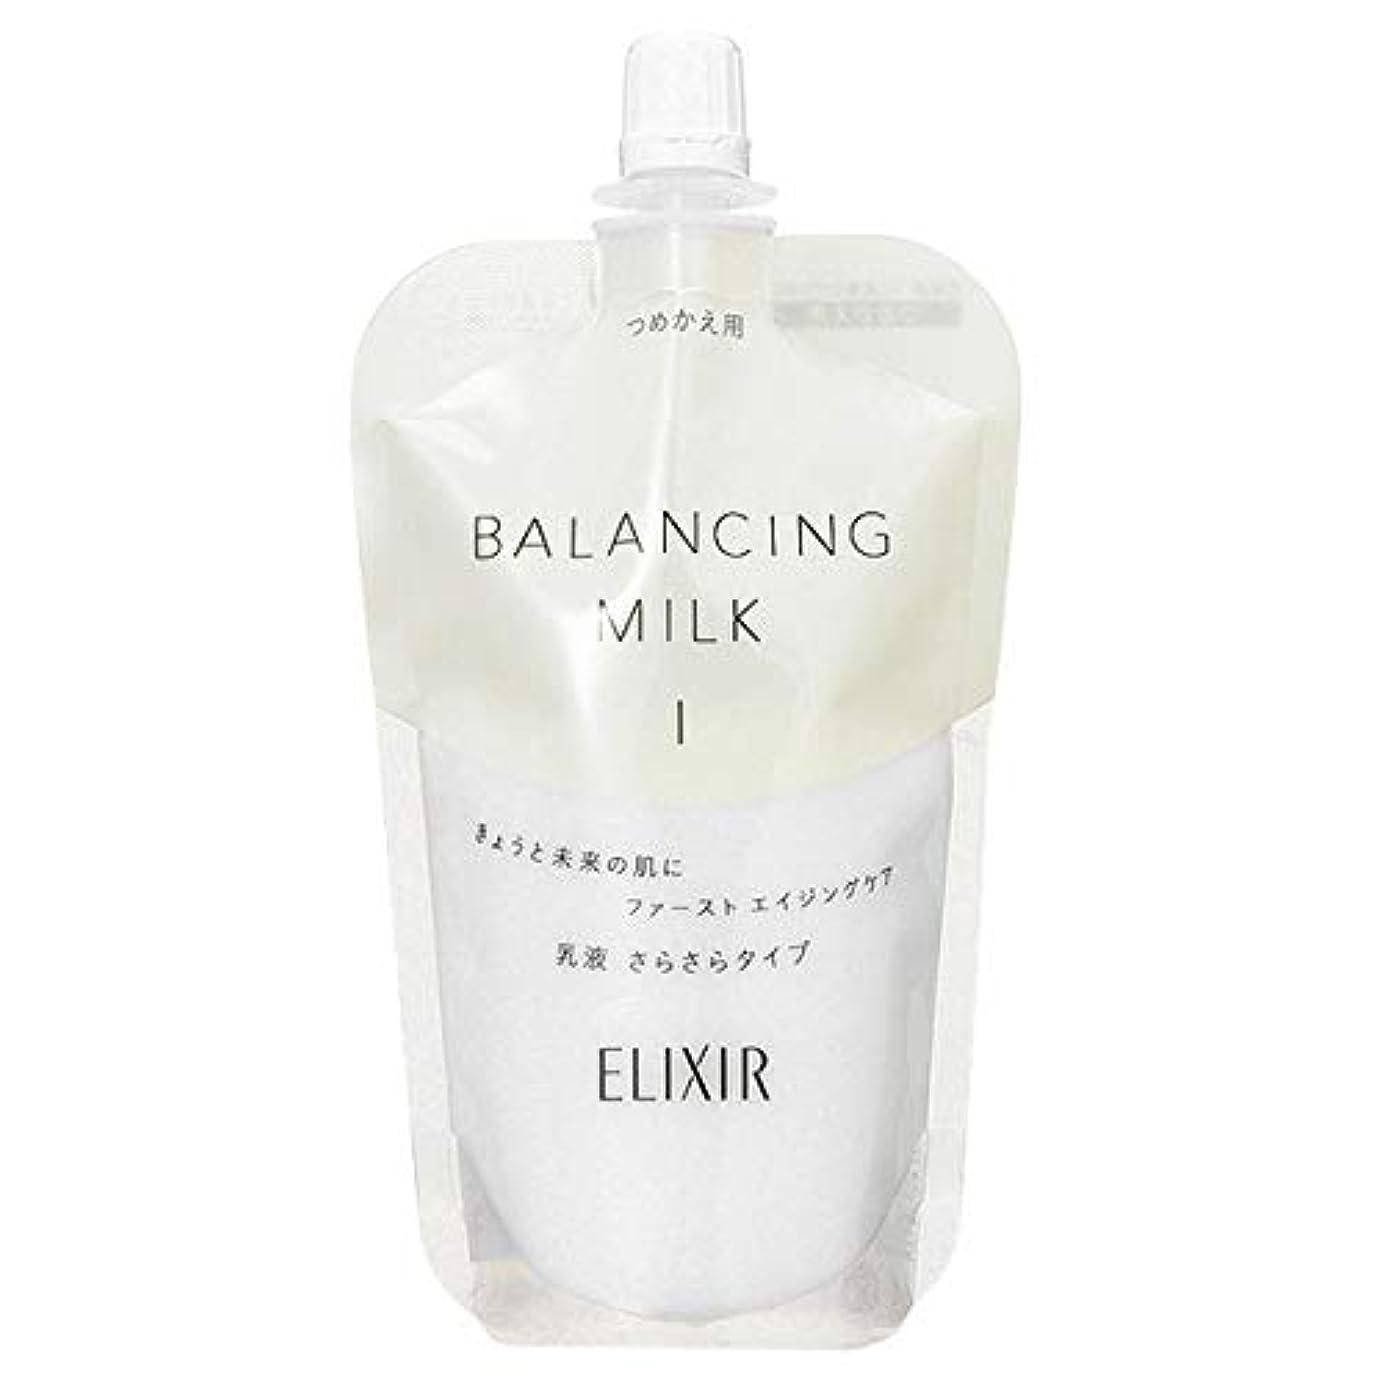 占める耐久スラダムシセイドウ 資生堂 エリクシール ルフレ バランシング ミルク (つめかえ用) 110mL II とろとろタイプ (在庫) [並行輸入品]